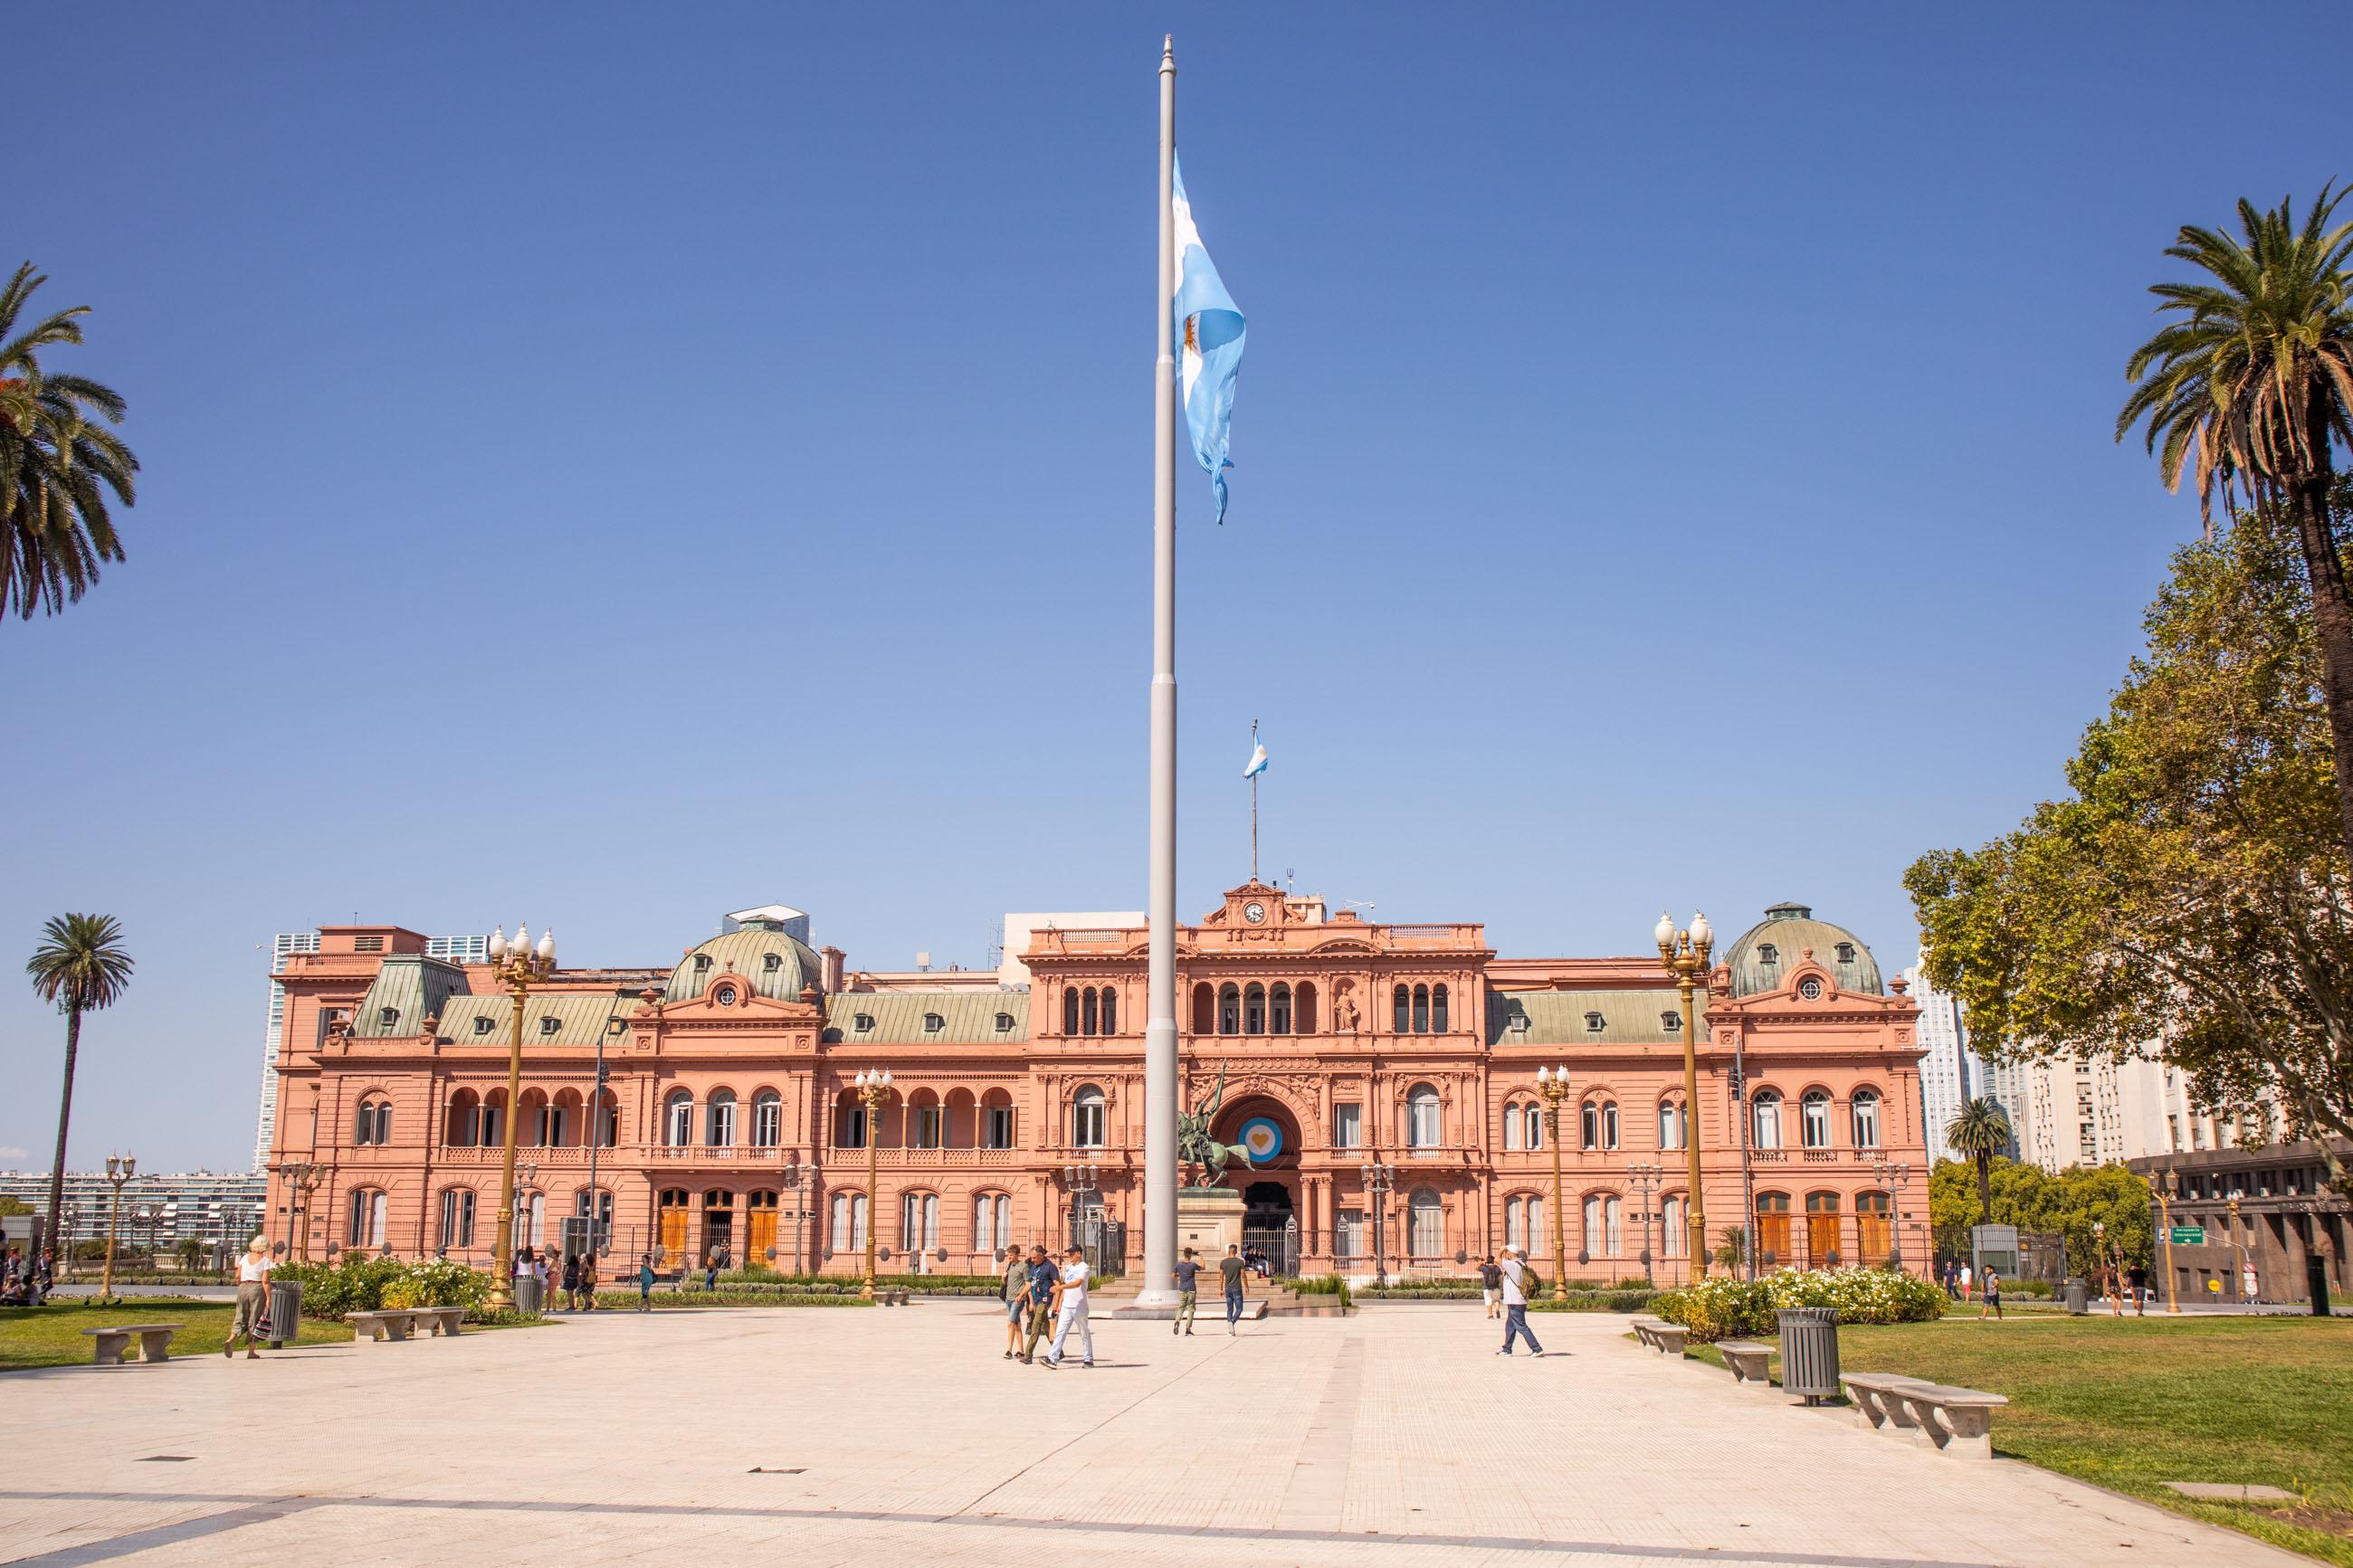 https://bubo.sk/uploads/galleries/5019/danielasnovakova_argentina_buenosaires_img_4037.jpg